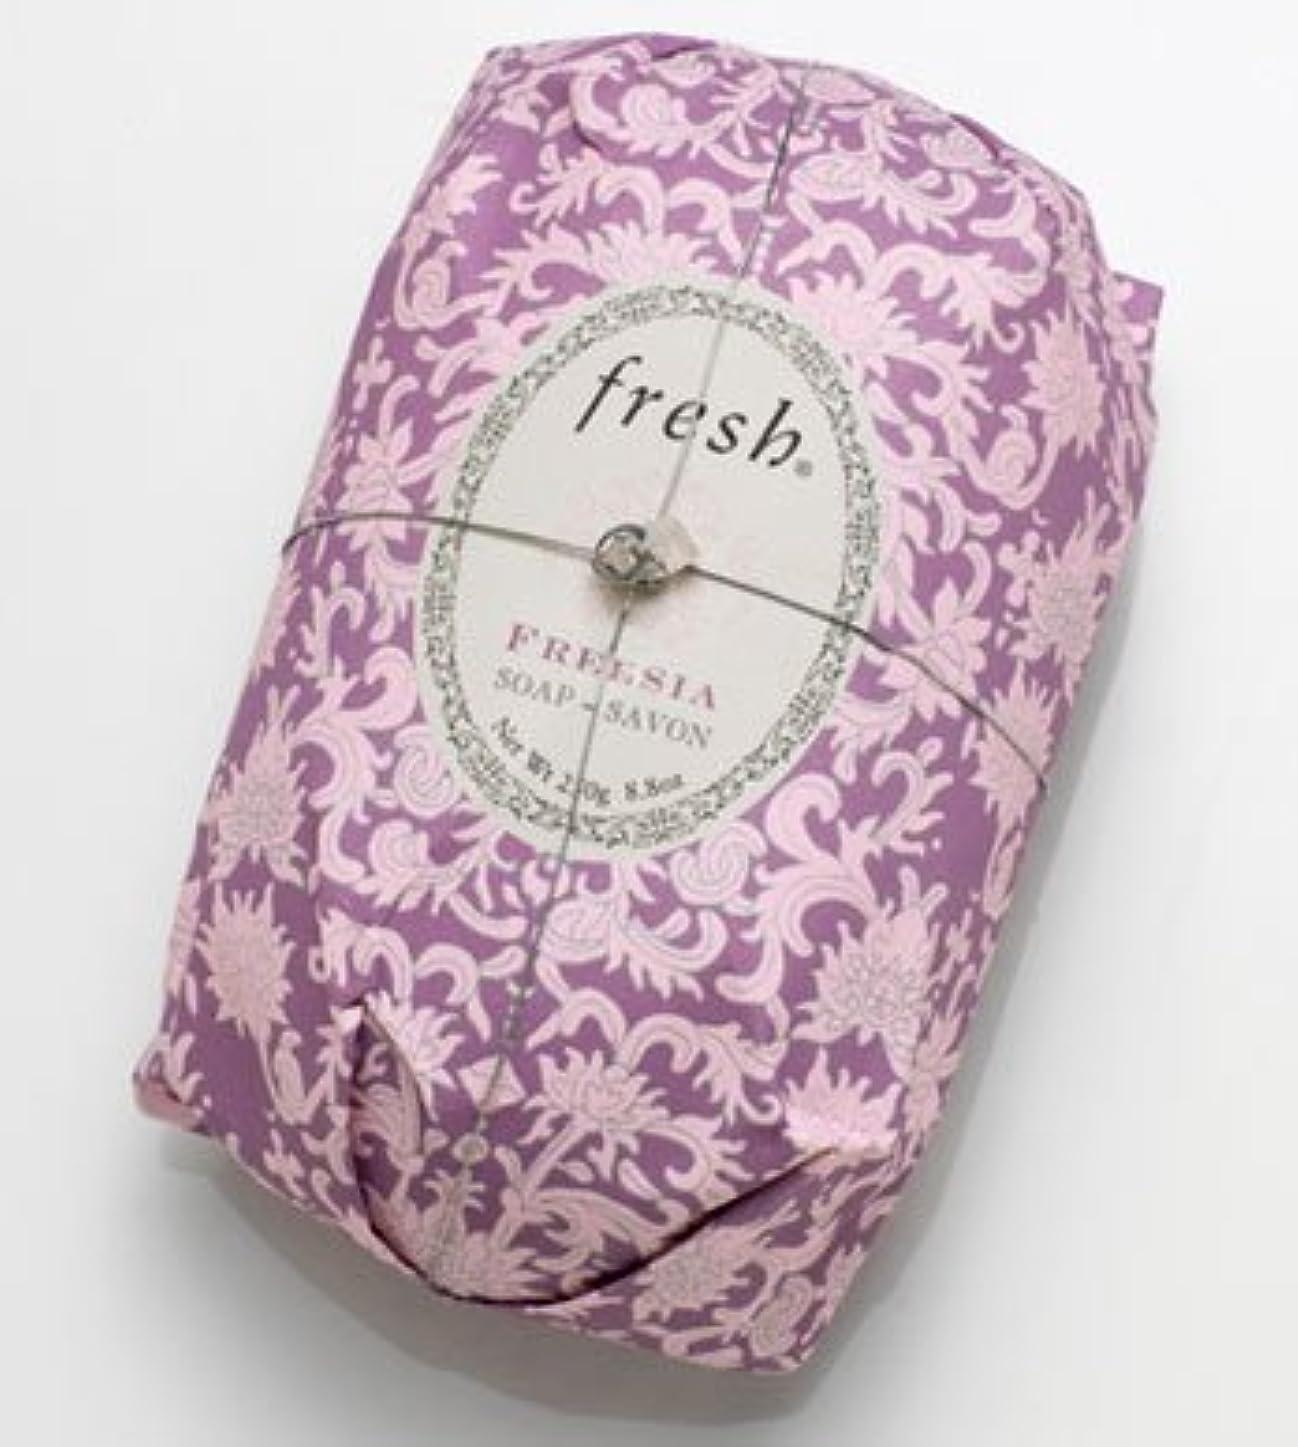 悲しむ新しさホストFresh FREESIA  SOAP (フレッシュ フリージア ソープ) 8.8 oz (250g) Soap (石鹸) by Fresh